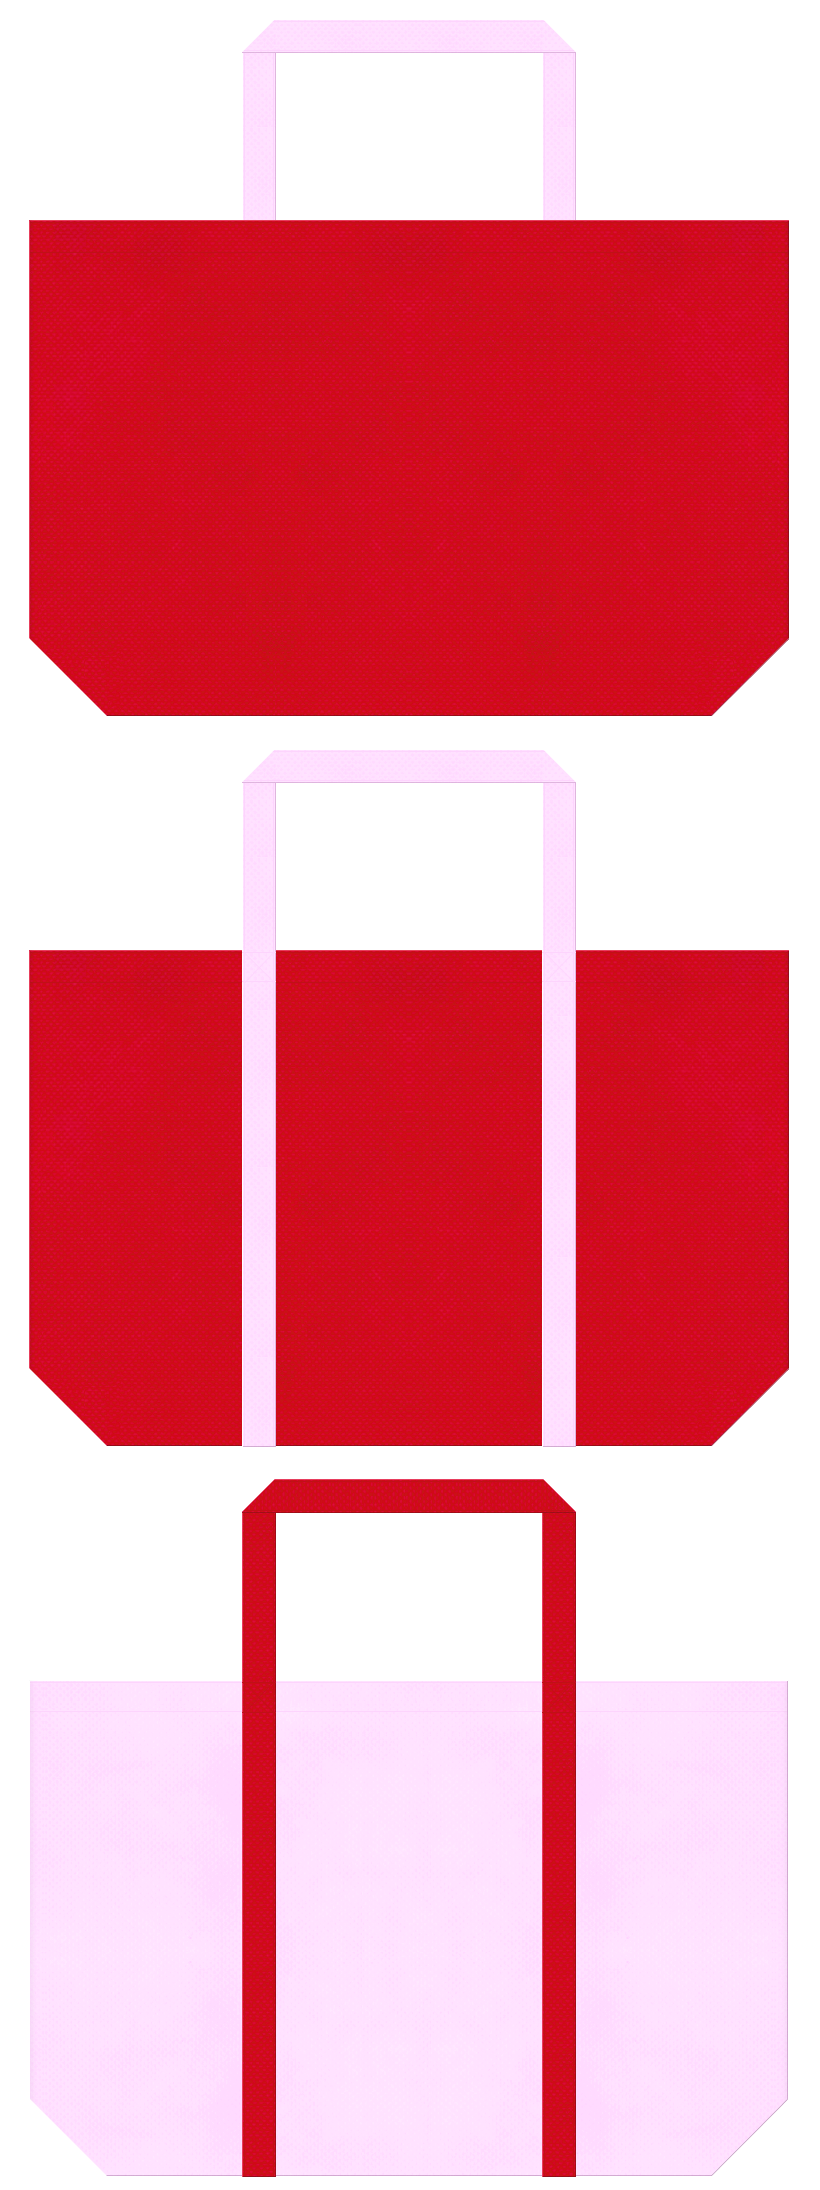 いちご・バレンタイン・ひな祭り・カーネーション・母の日・和風催事・お正月・福袋にお奨めの不織布バッグデザイン:紅色と明るいピンク色のコーデ